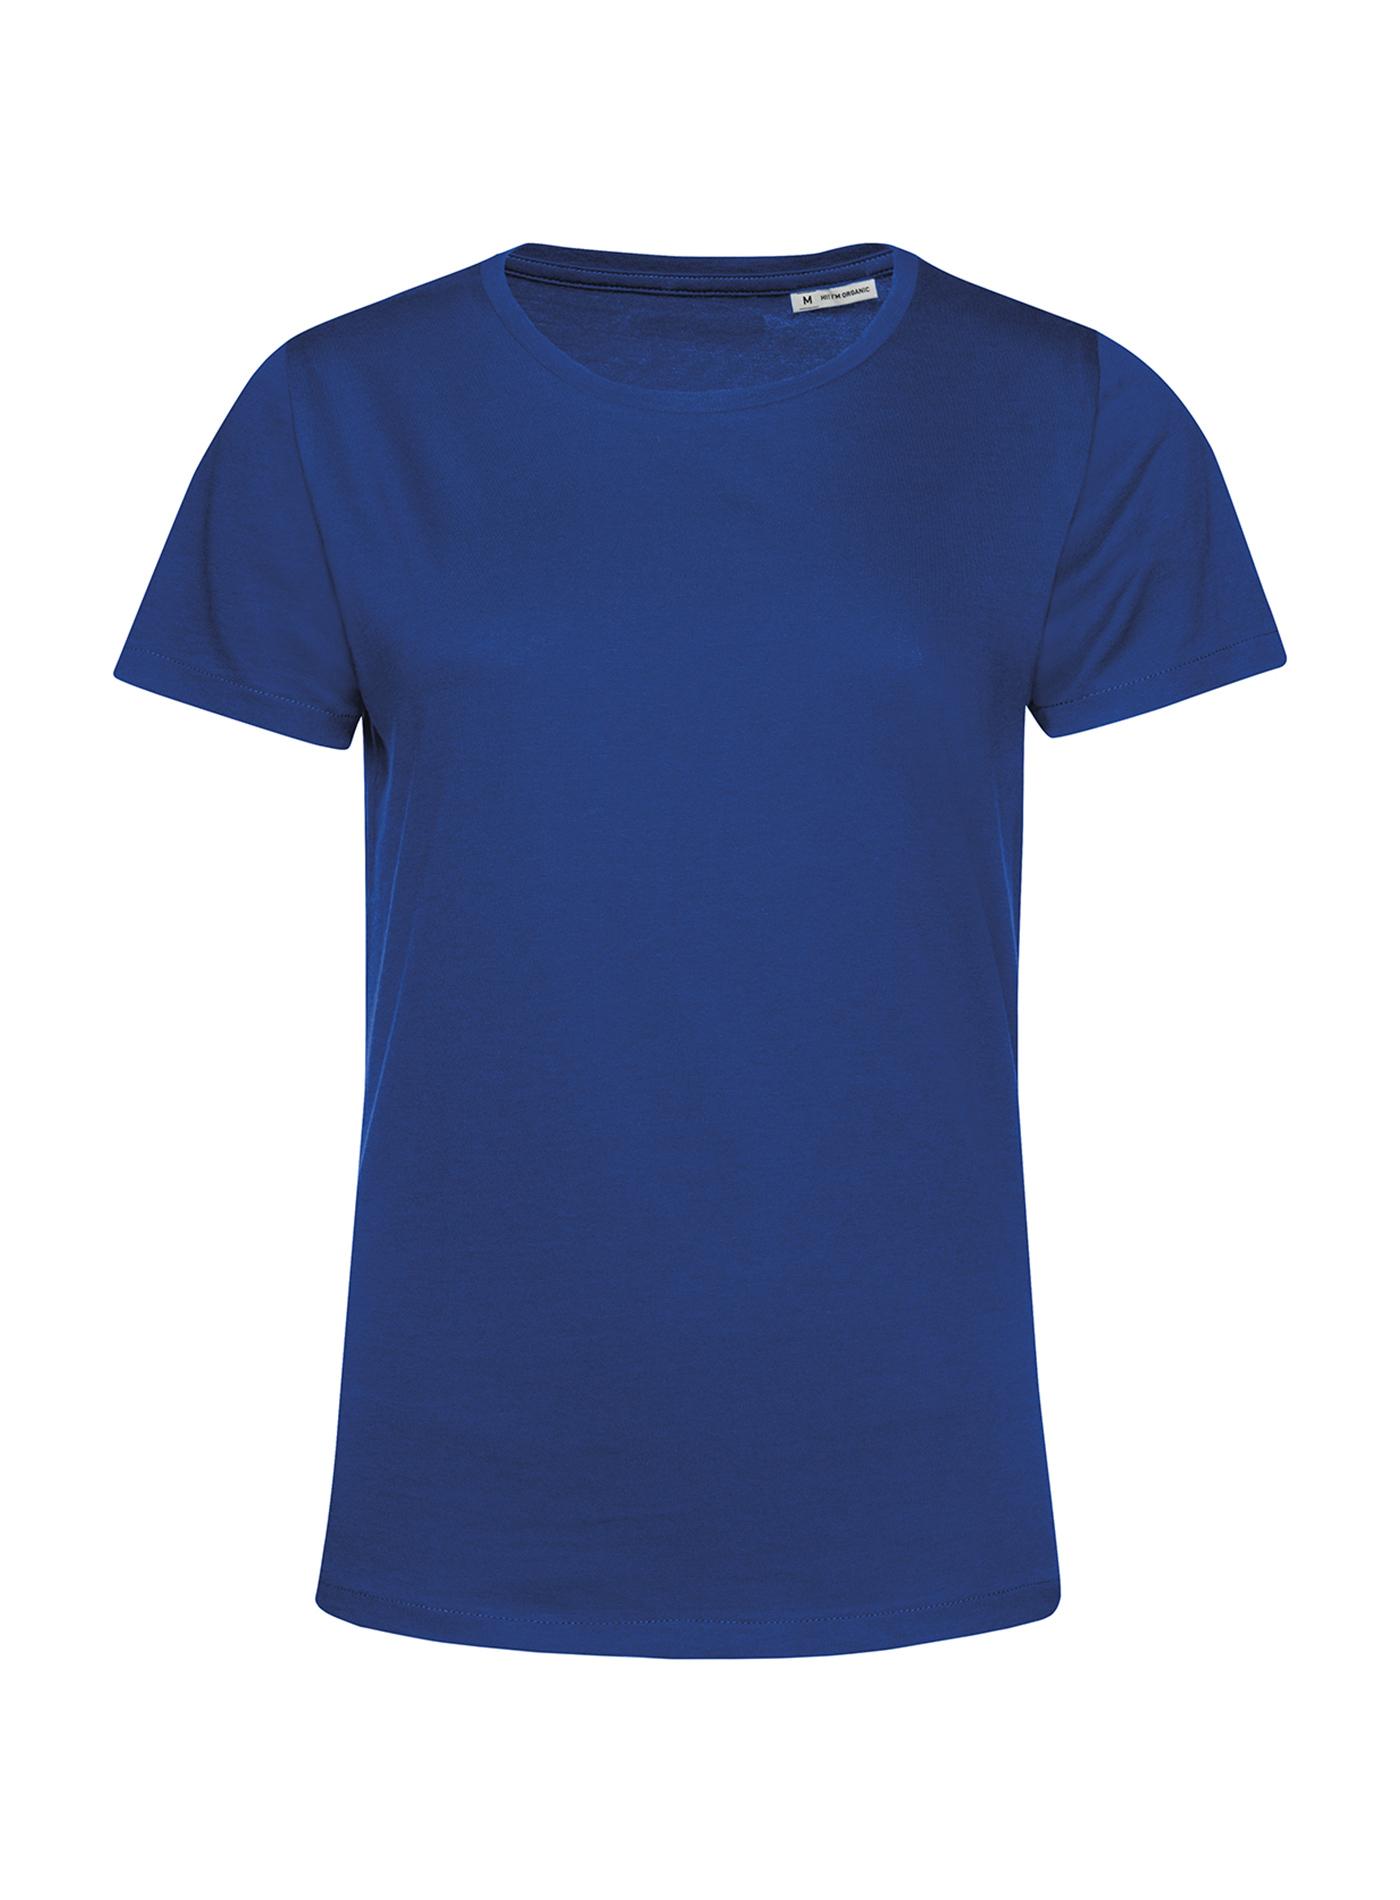 Dámské tričko Organic B&C - Královská modrá XXL